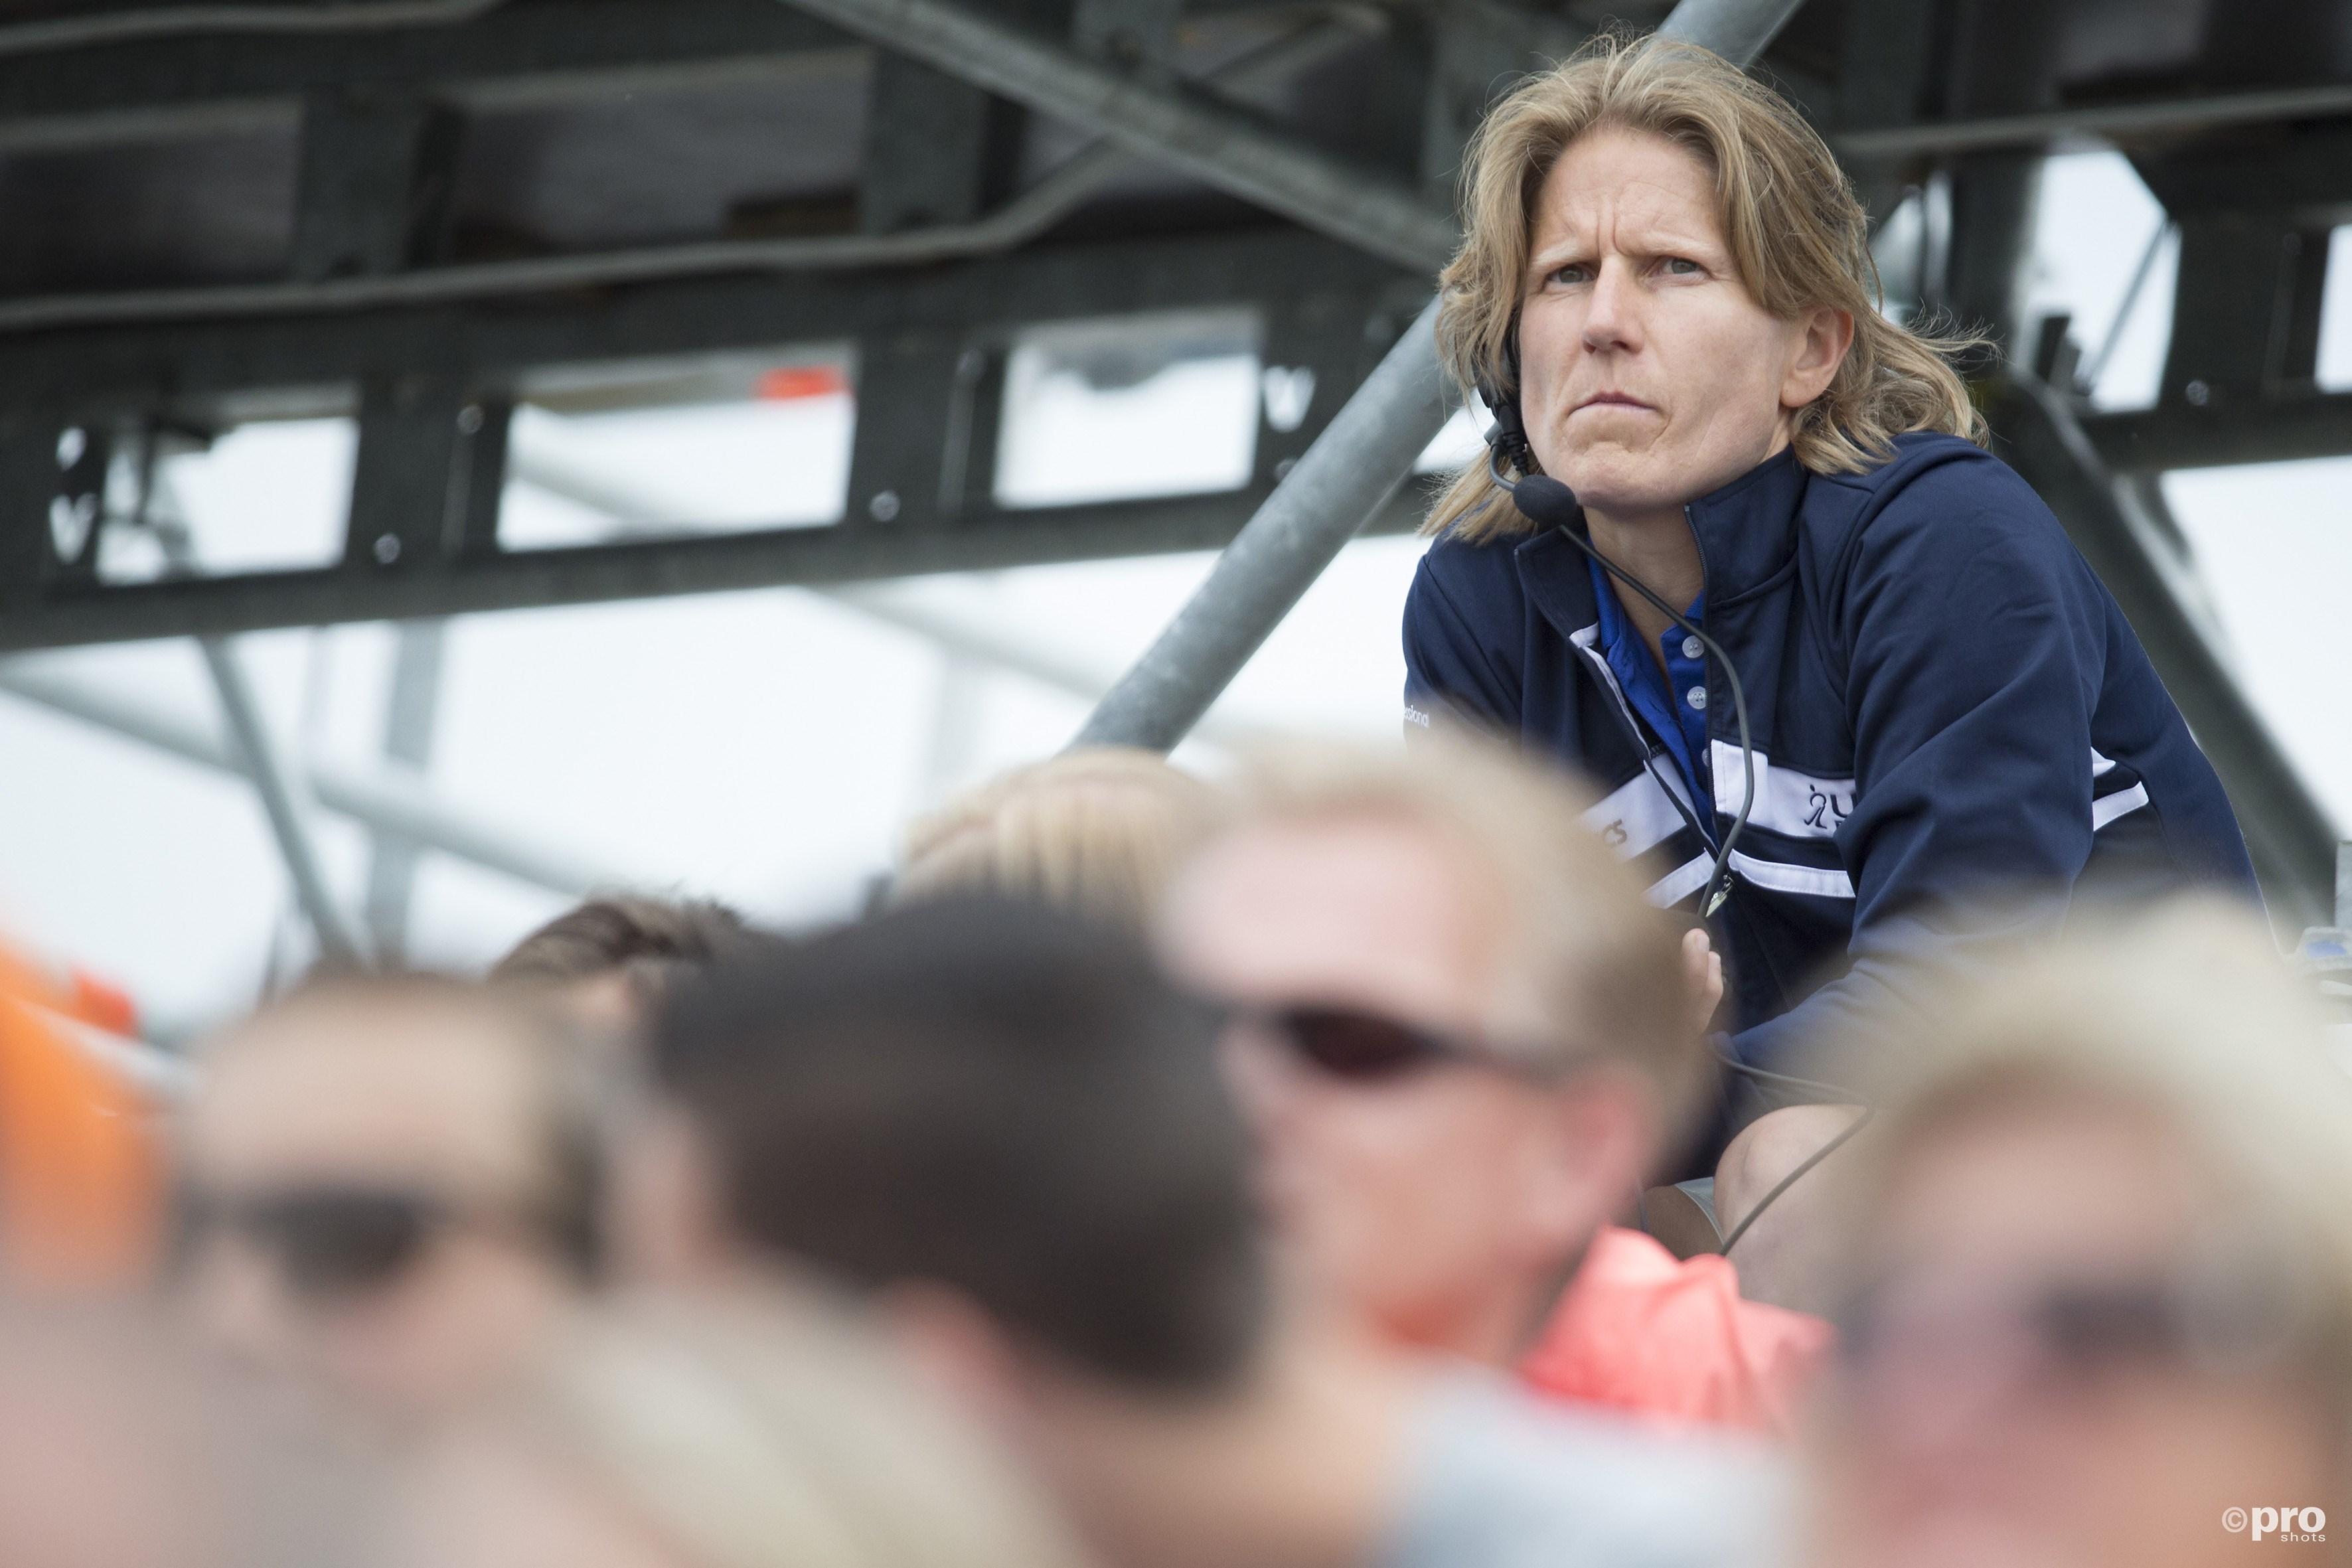 Janneke Schopman hier tijdens het WK in Den Haag hoog in het stadion. (PRO SHOTS/Willem Vernes)